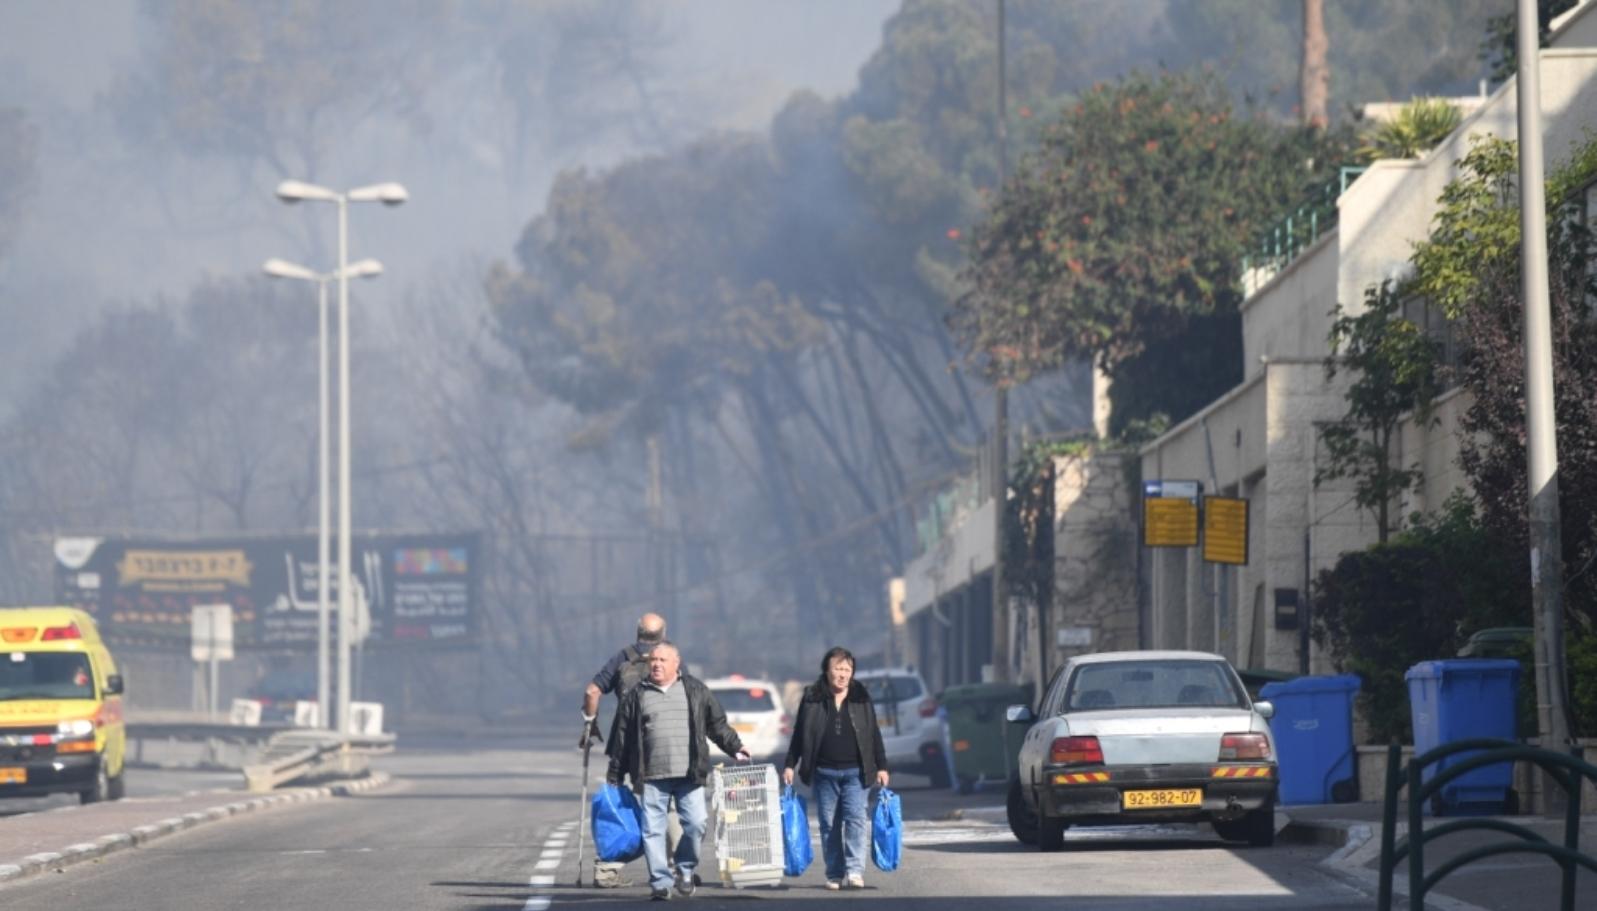 Haifa citizens fleeing the fires, November 2016. Photo courtesy of Haifa municipality